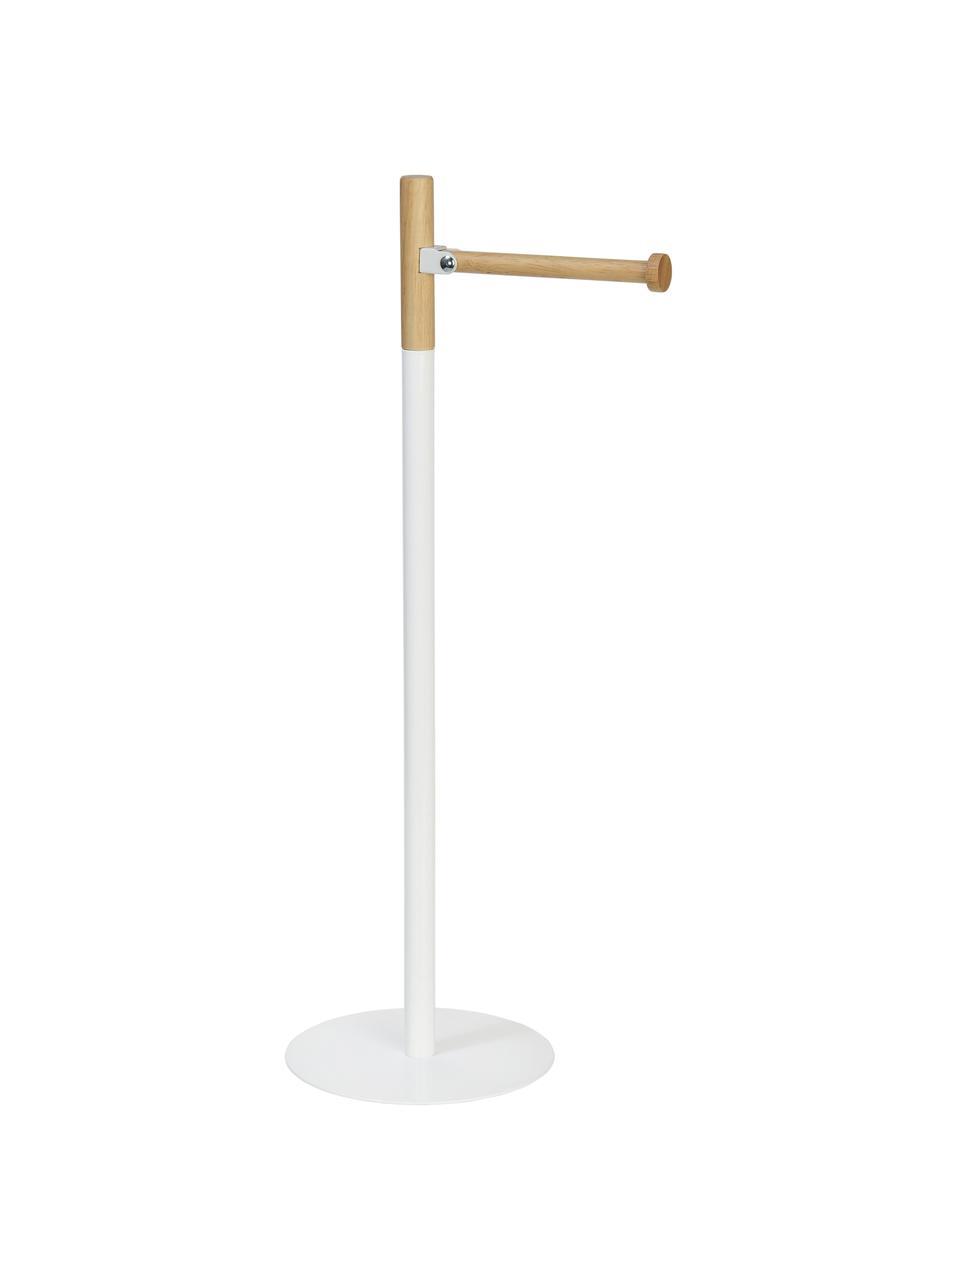 Toilettenpapierhalter Balham, Metall, Gummibaumholz, lackiert, Weiß, Gummibaumholz, Ø 17 x H 55 cm